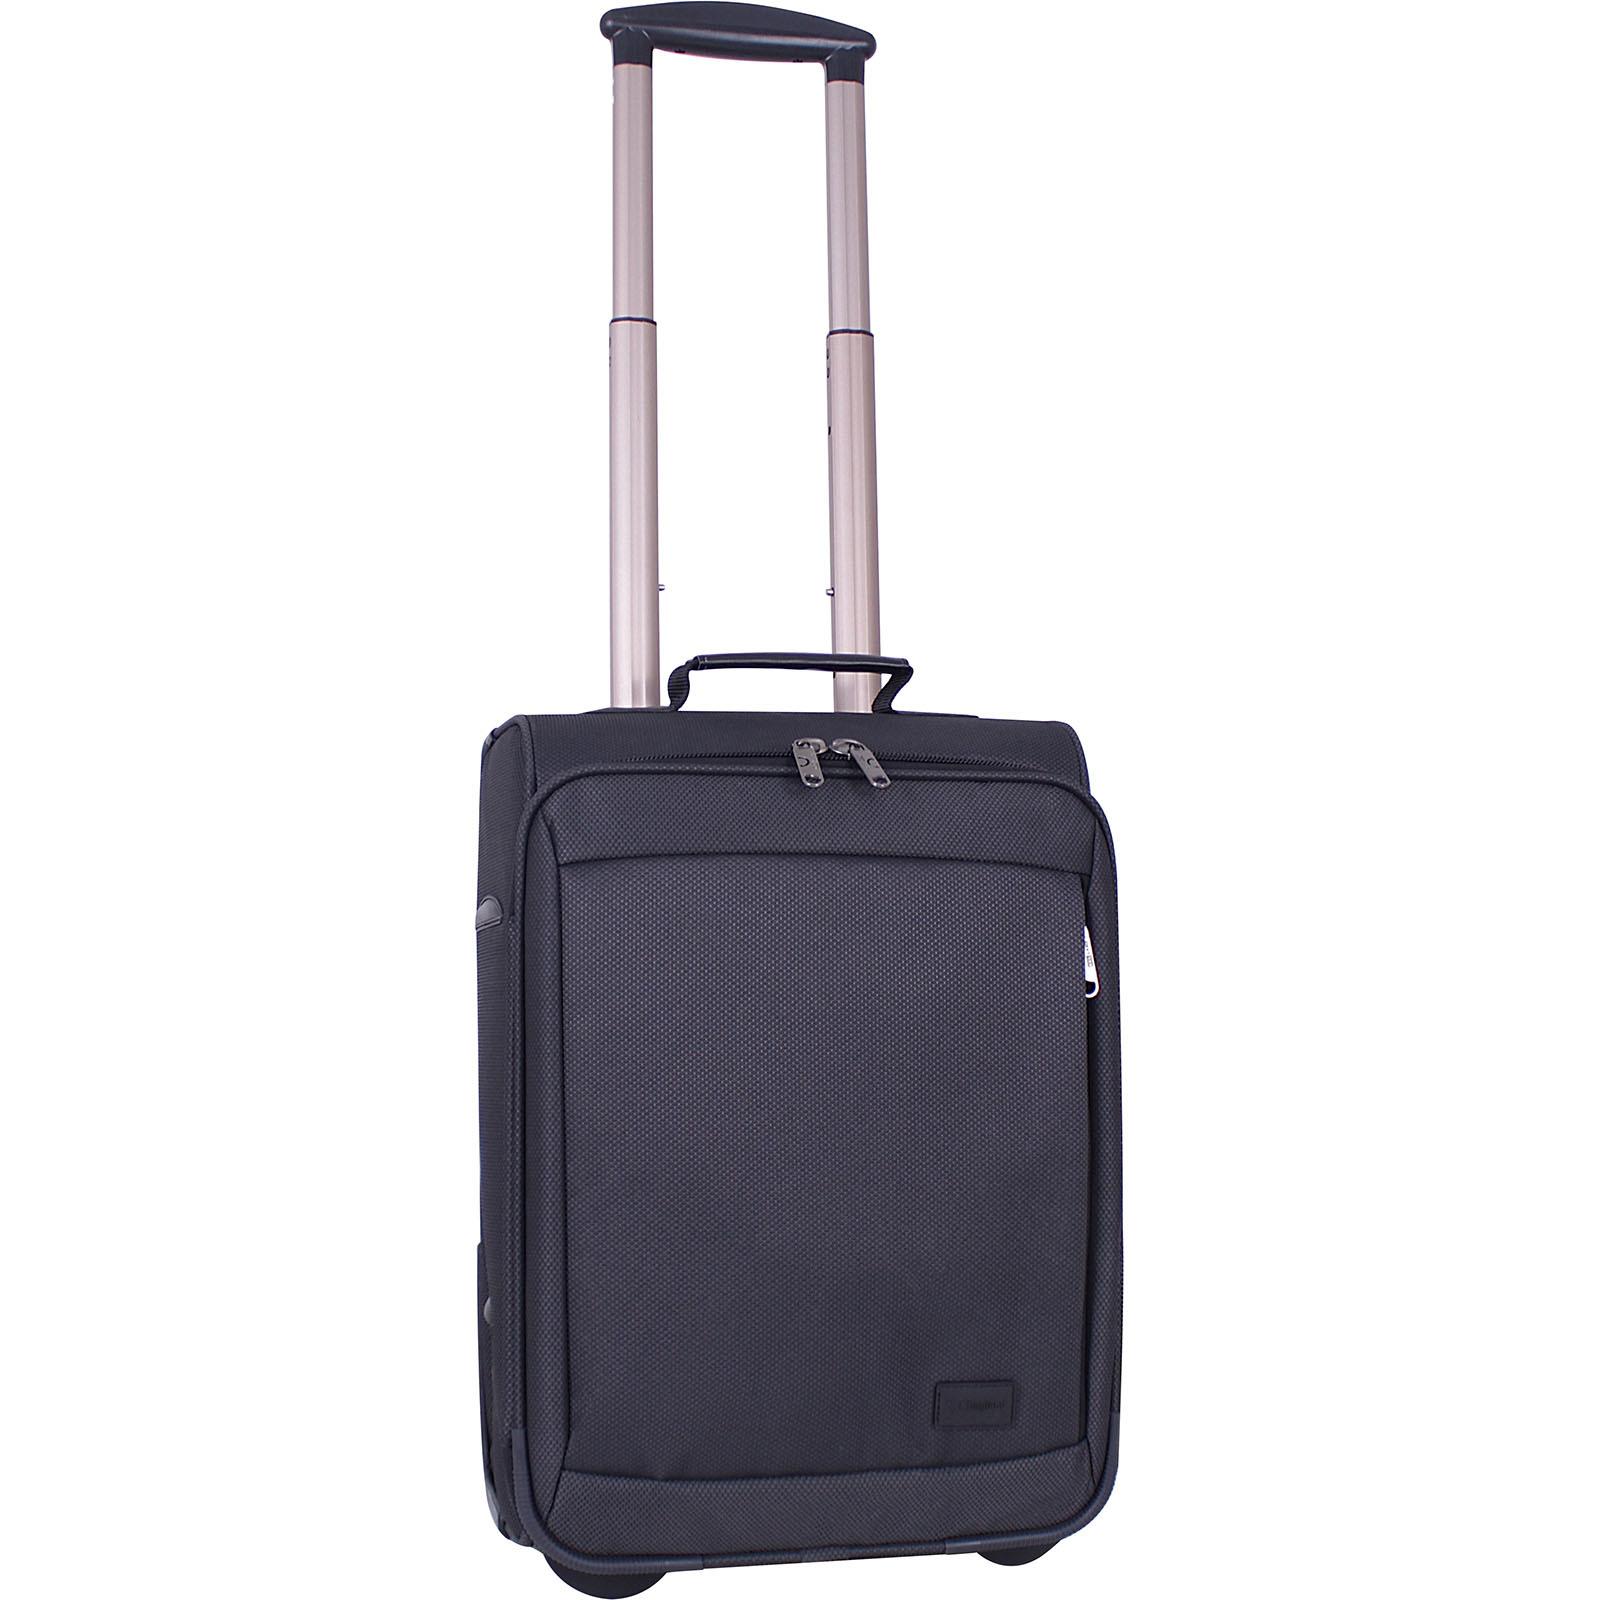 Дорожные чемоданы Чемодан Bagland Ambassador 27 л. Чёрный (0037616917) IMG_9166.JPG